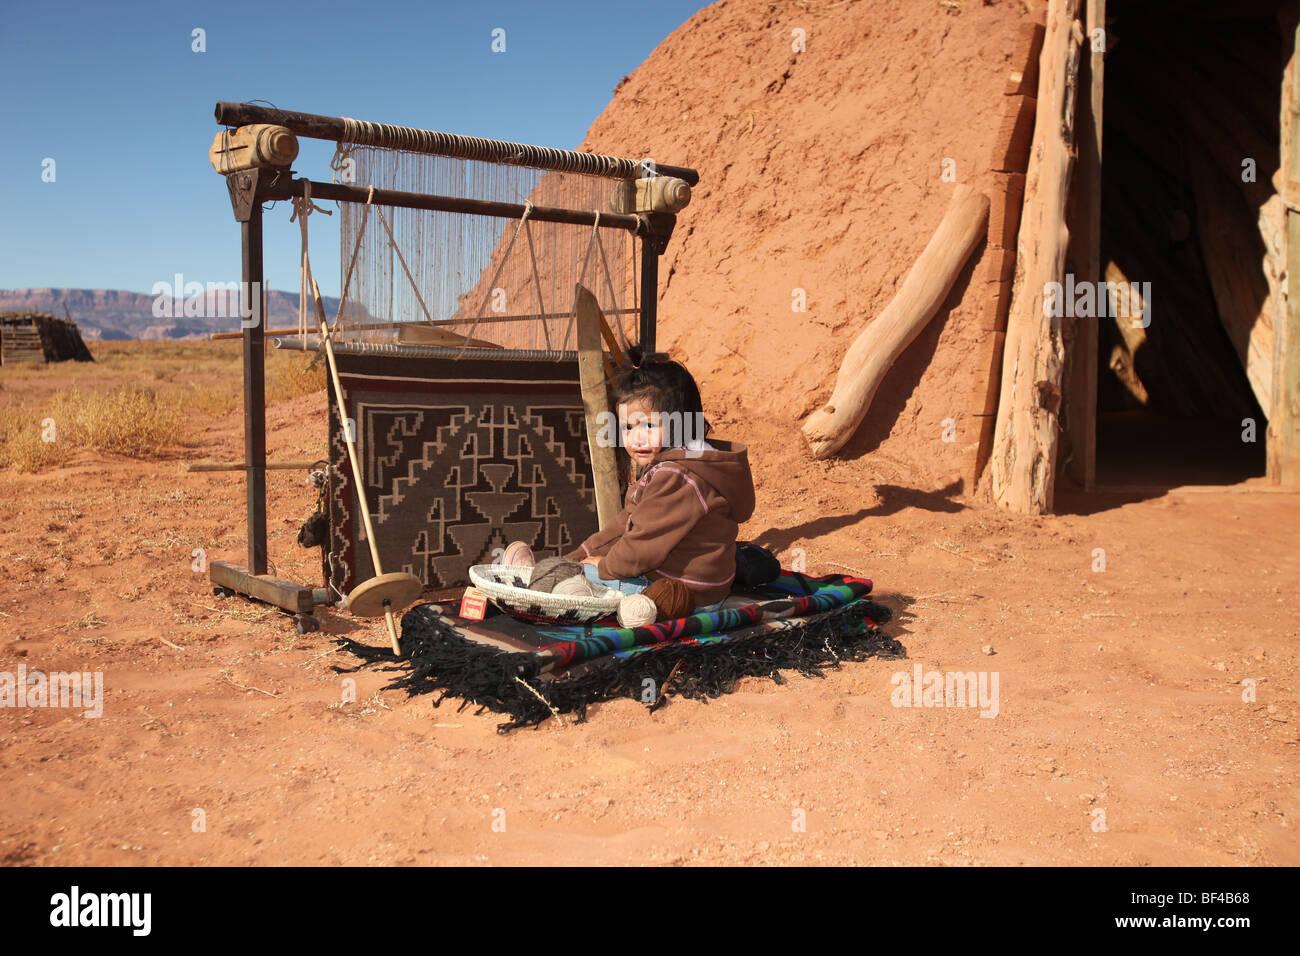 Nativa Navajo hijo sentado junto a Herramientas de elaboración de alfombras tradicionales Imagen De Stock